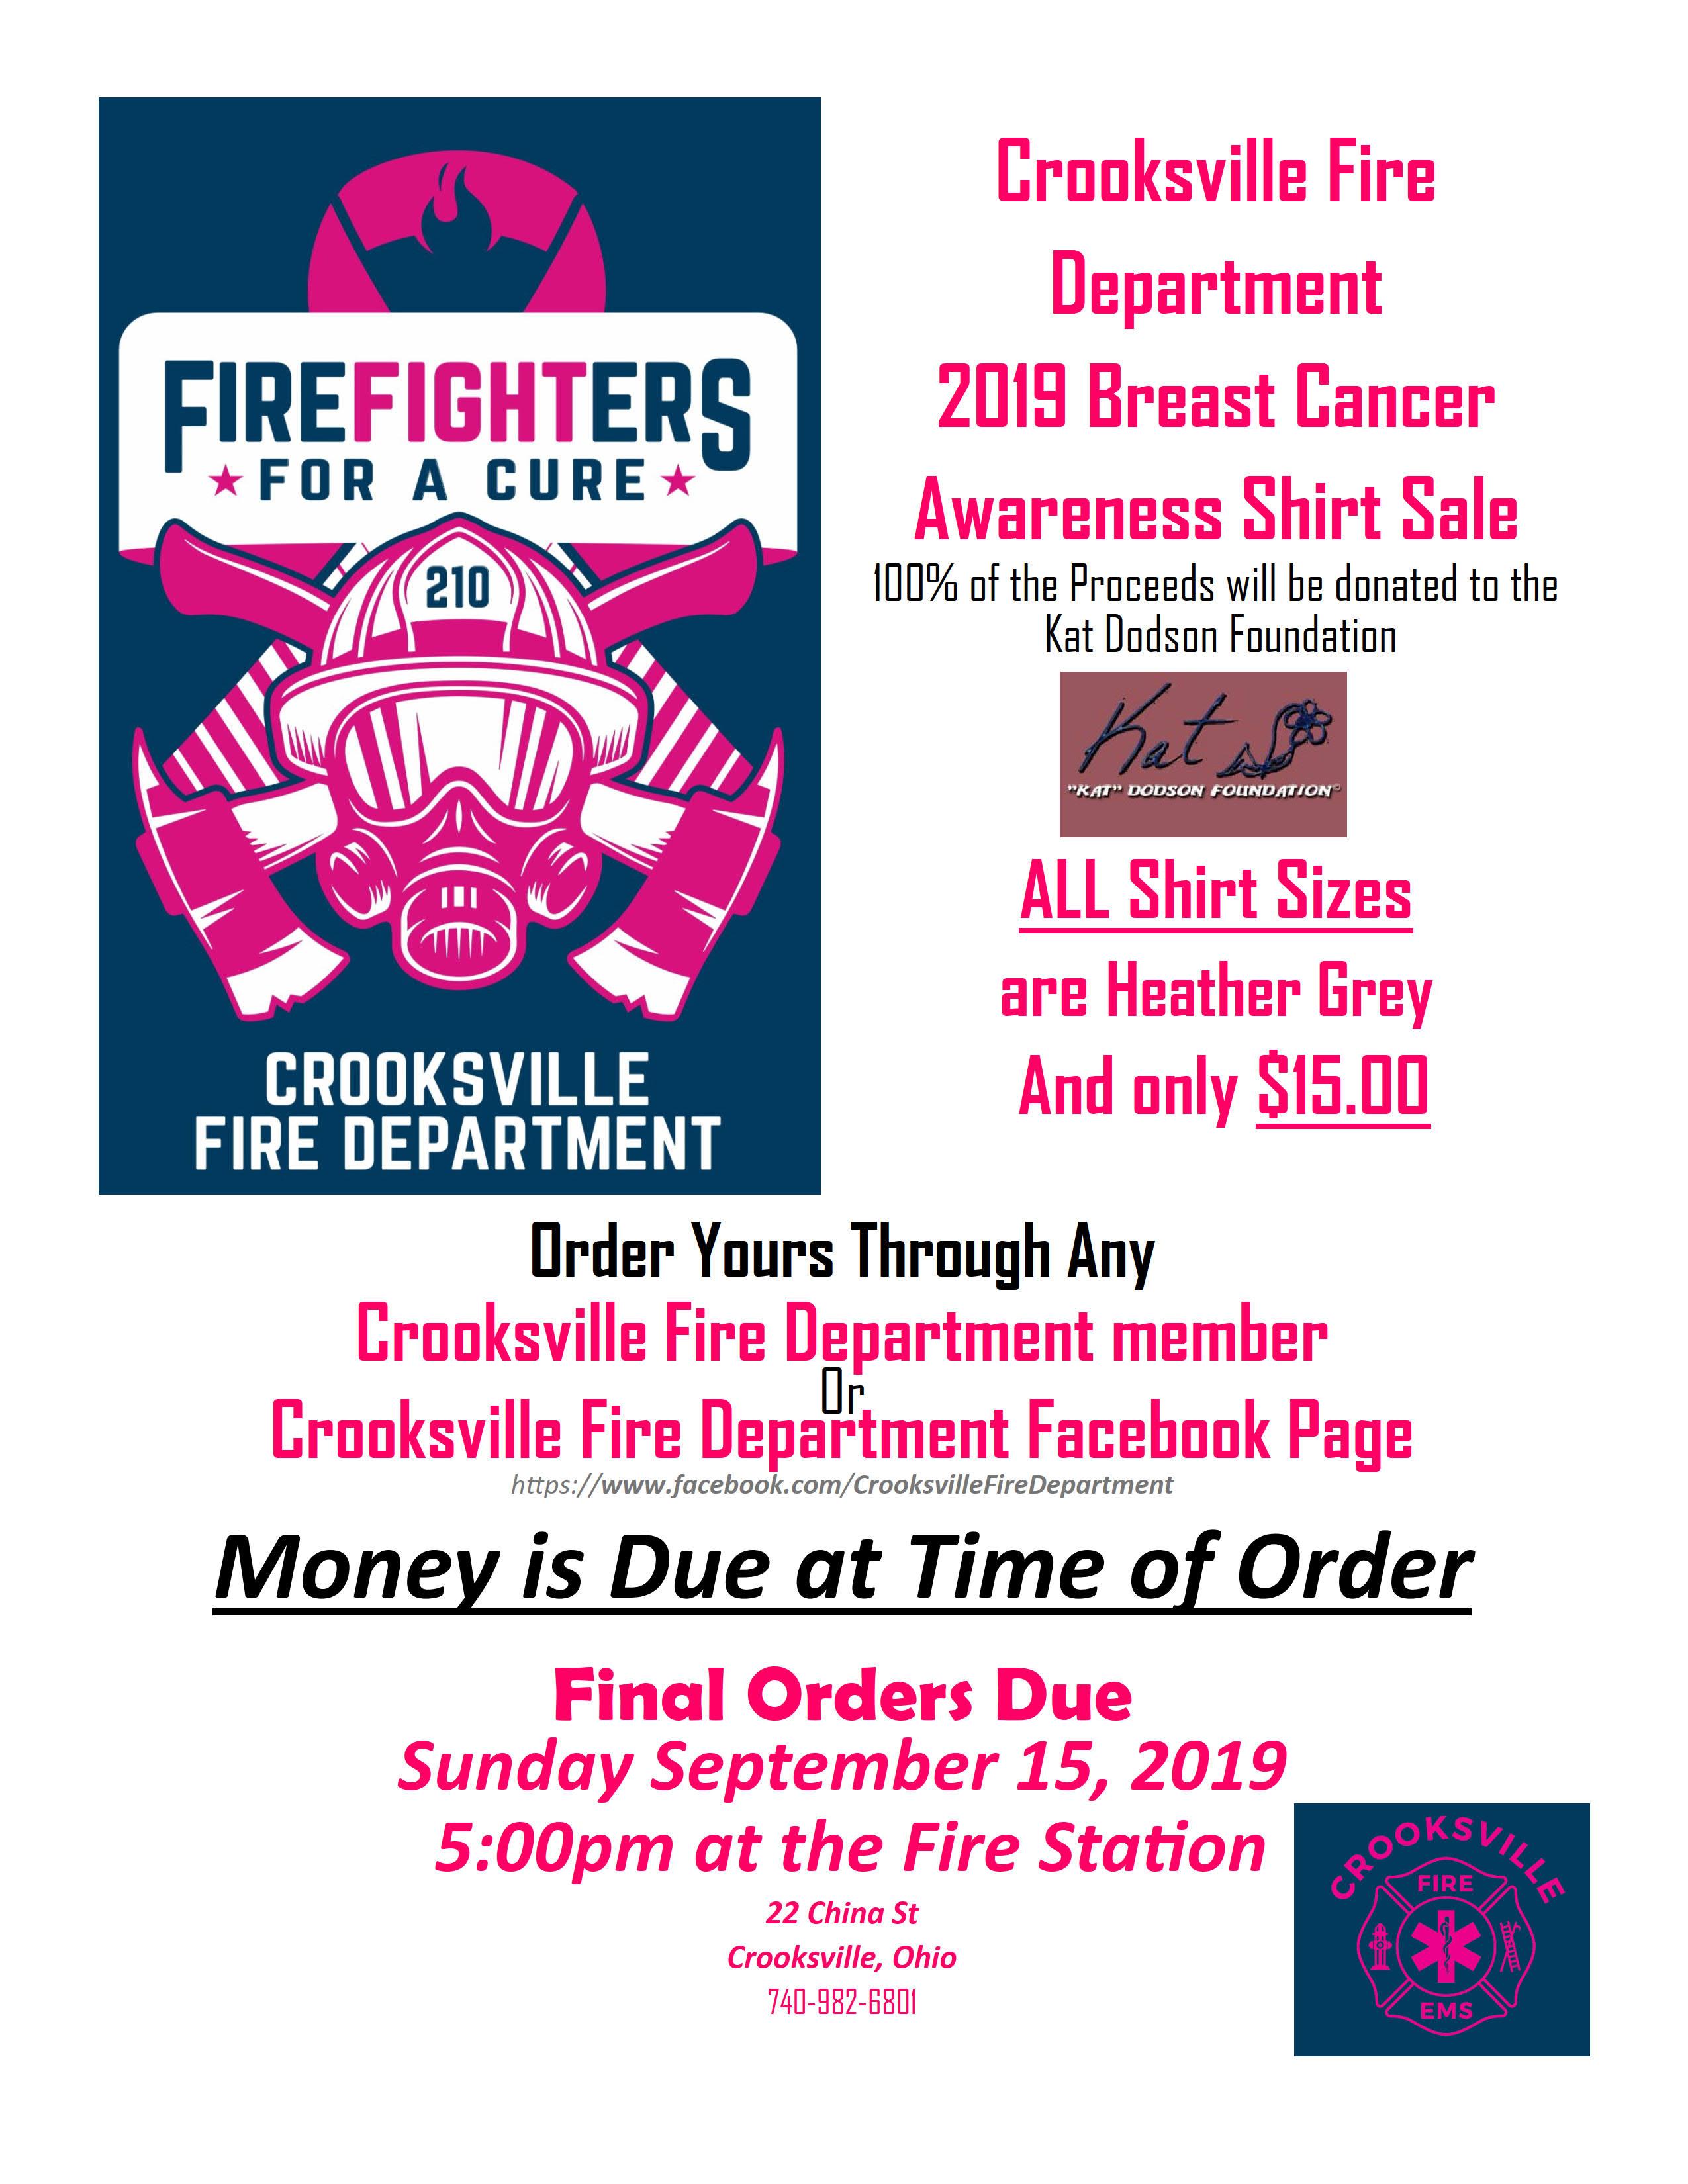 Crooksville Fire Department 2019 Breast Cancer Awareness T Shirt